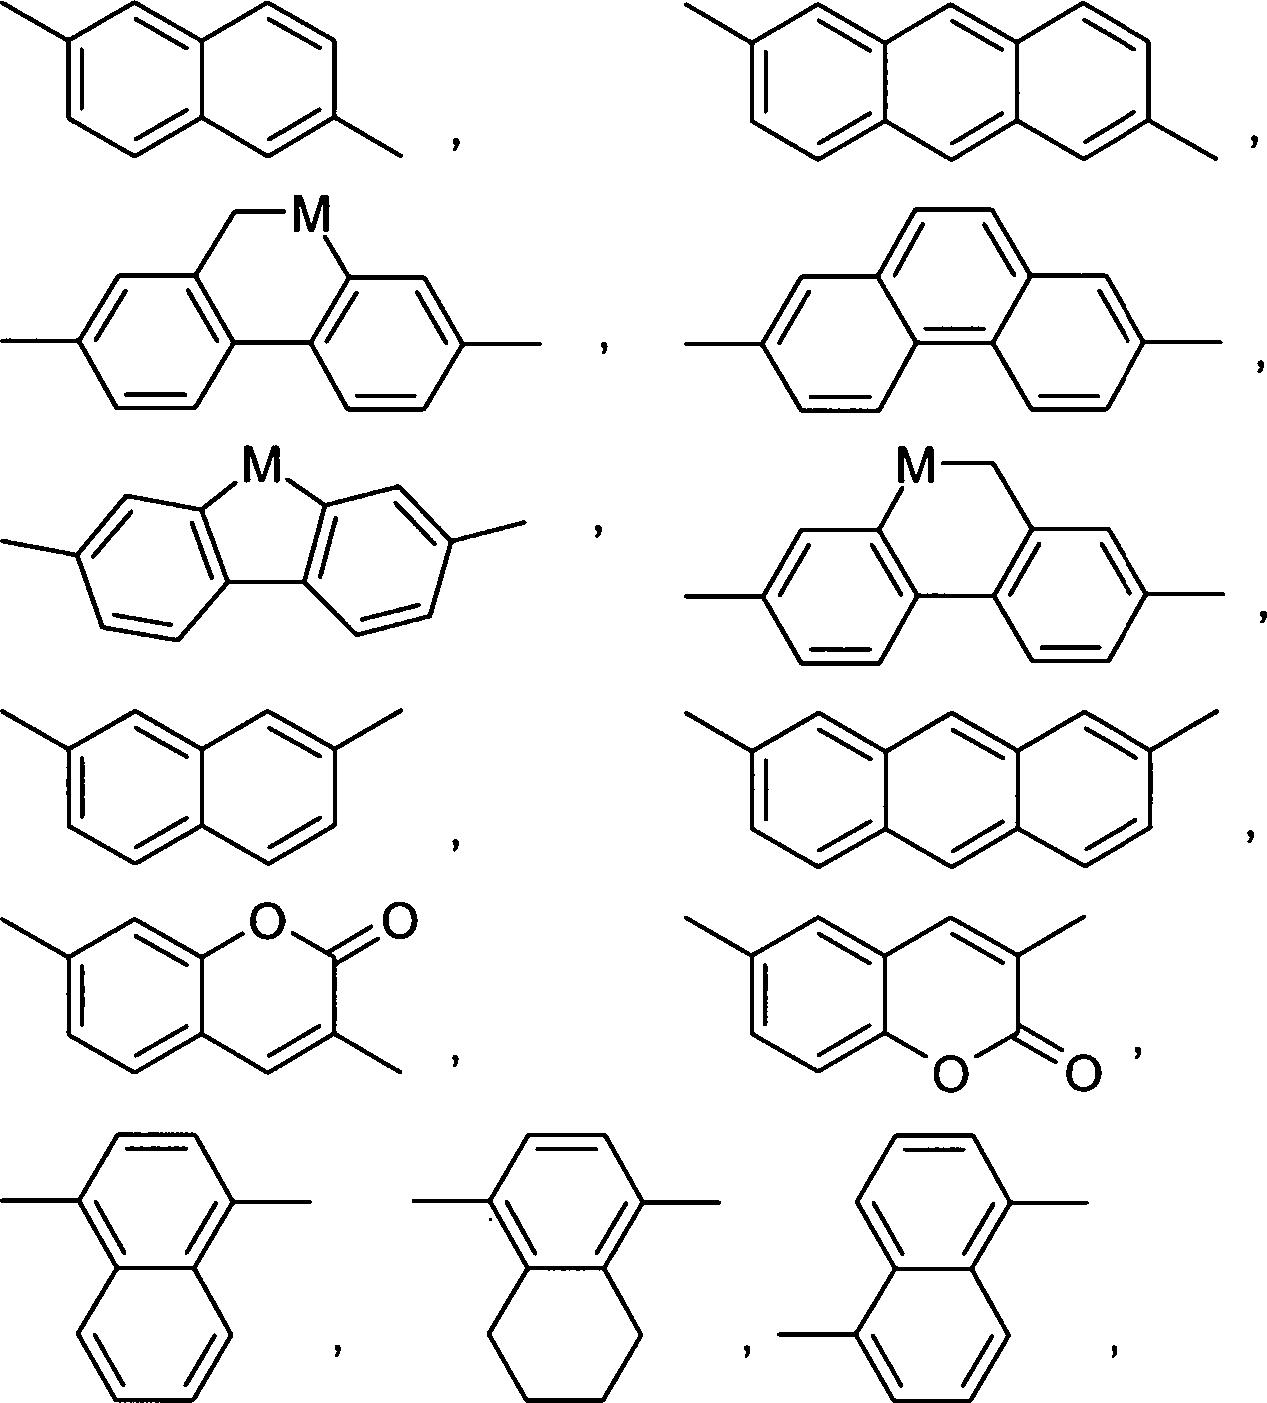 Figure DE102015008172A1_0141